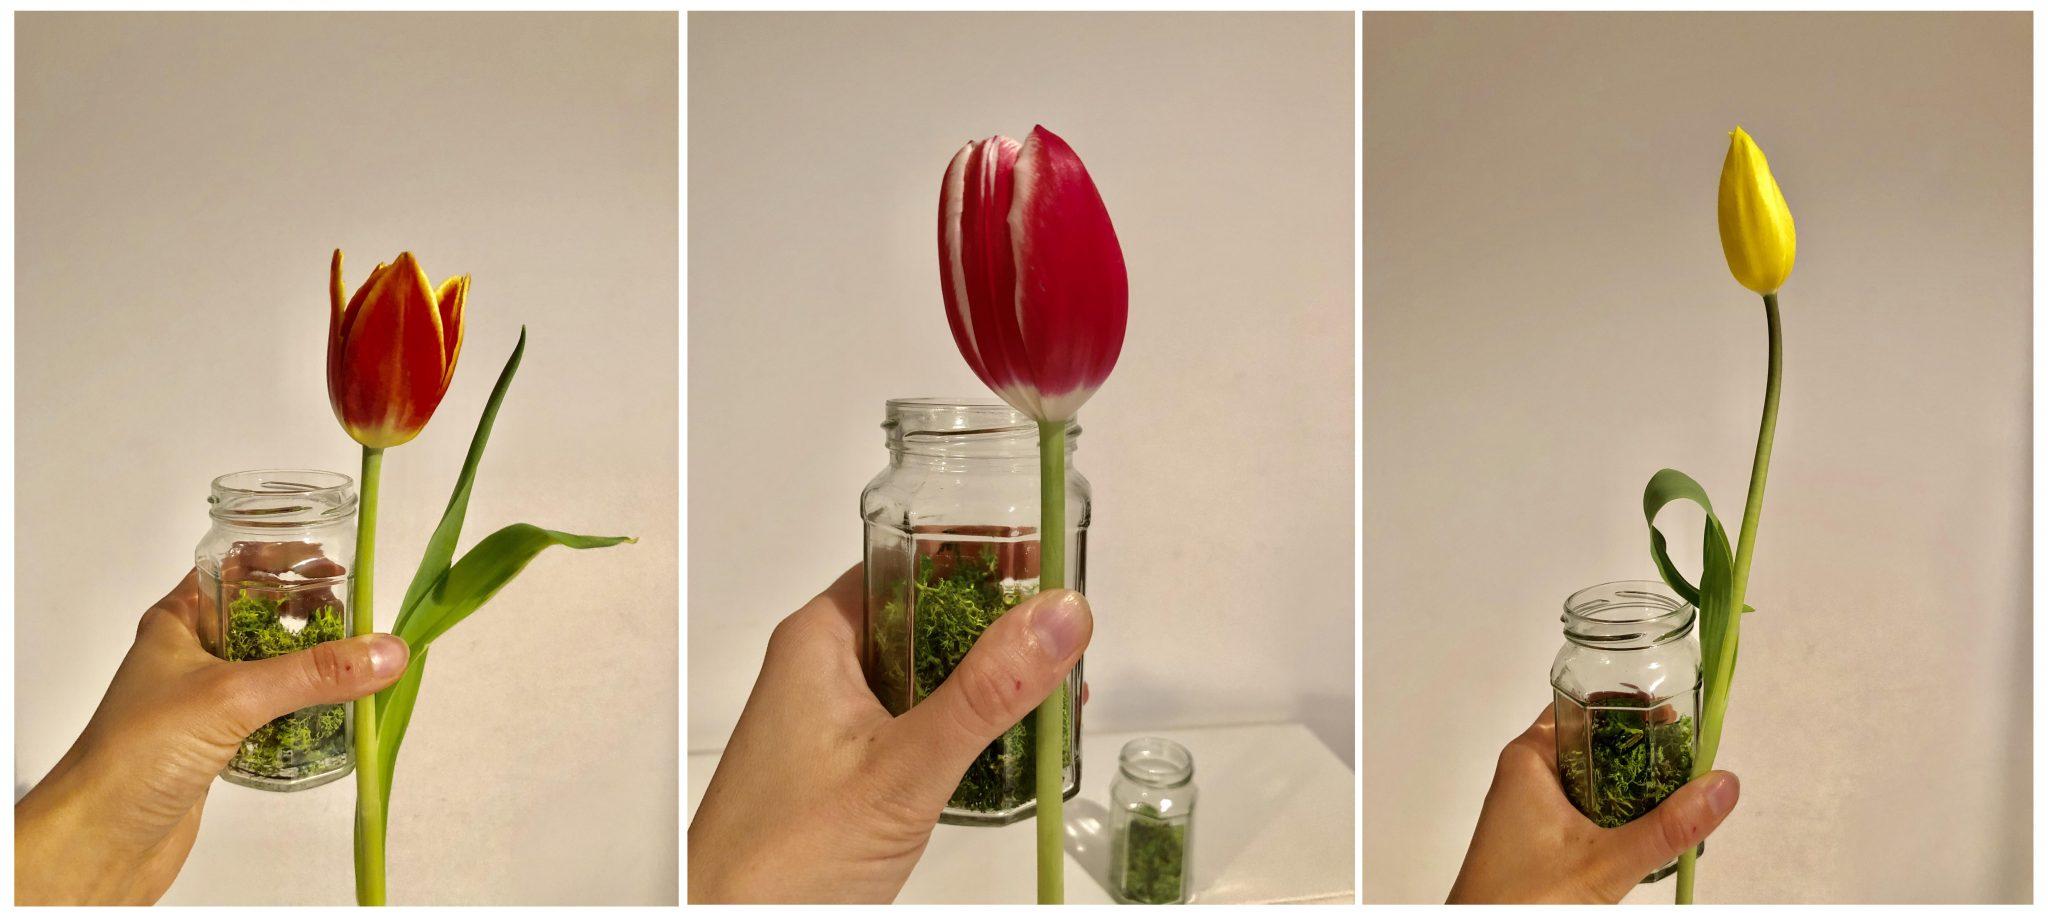 9_misura lunghezza tulipani